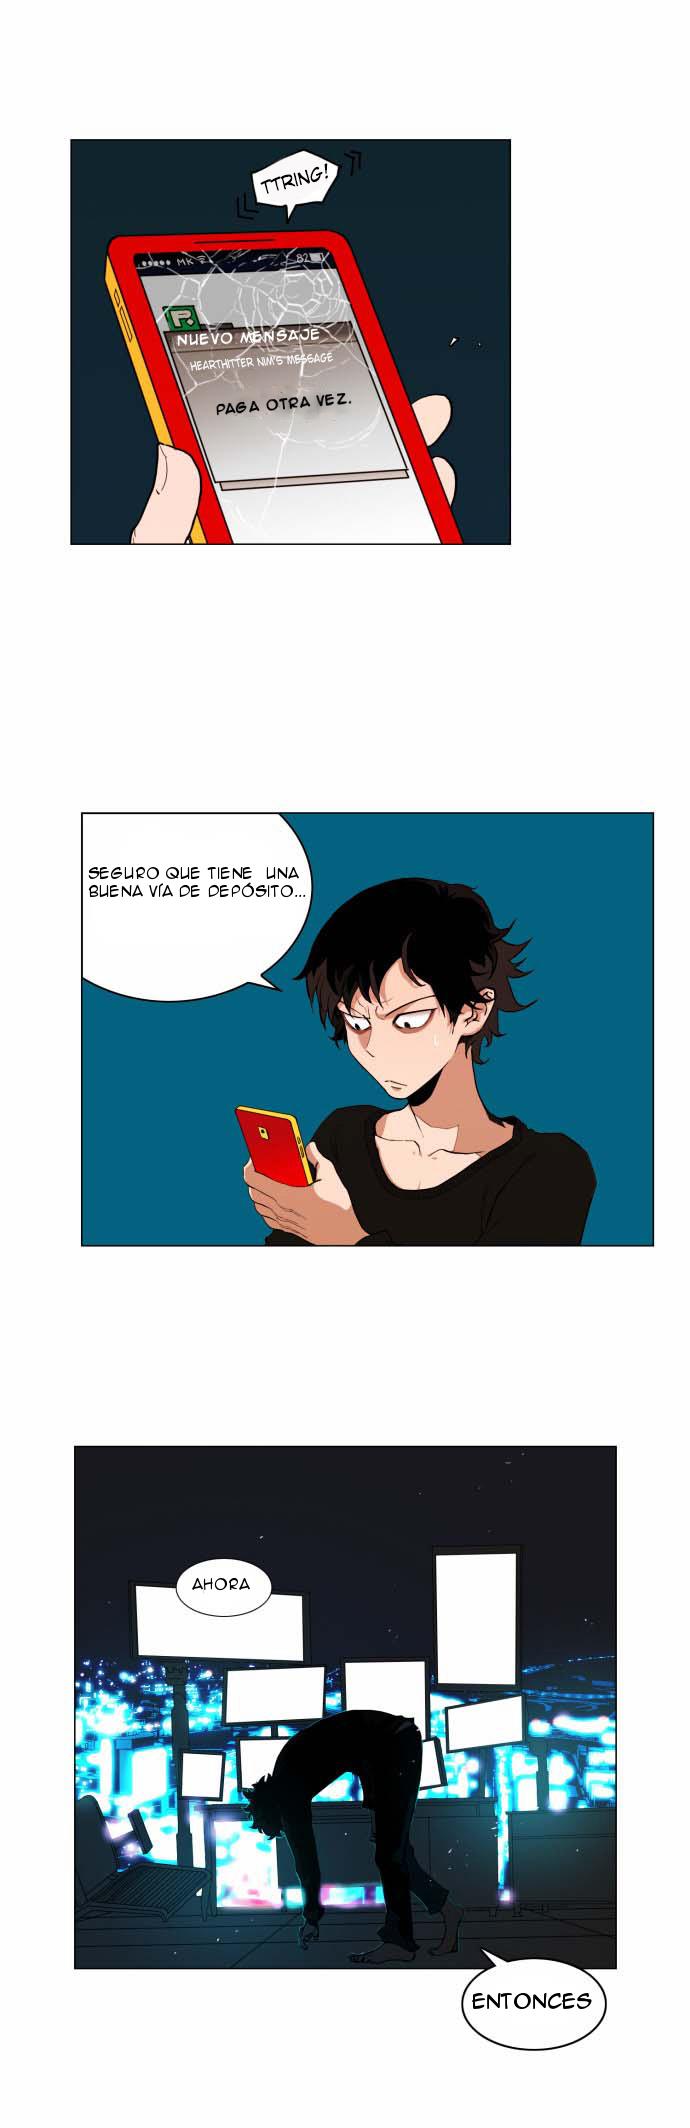 https://c5.ninemanga.com/es_manga/31/18975/440204/45ceb487a5eb47cfcb50b10e3a15f953.jpg Page 4